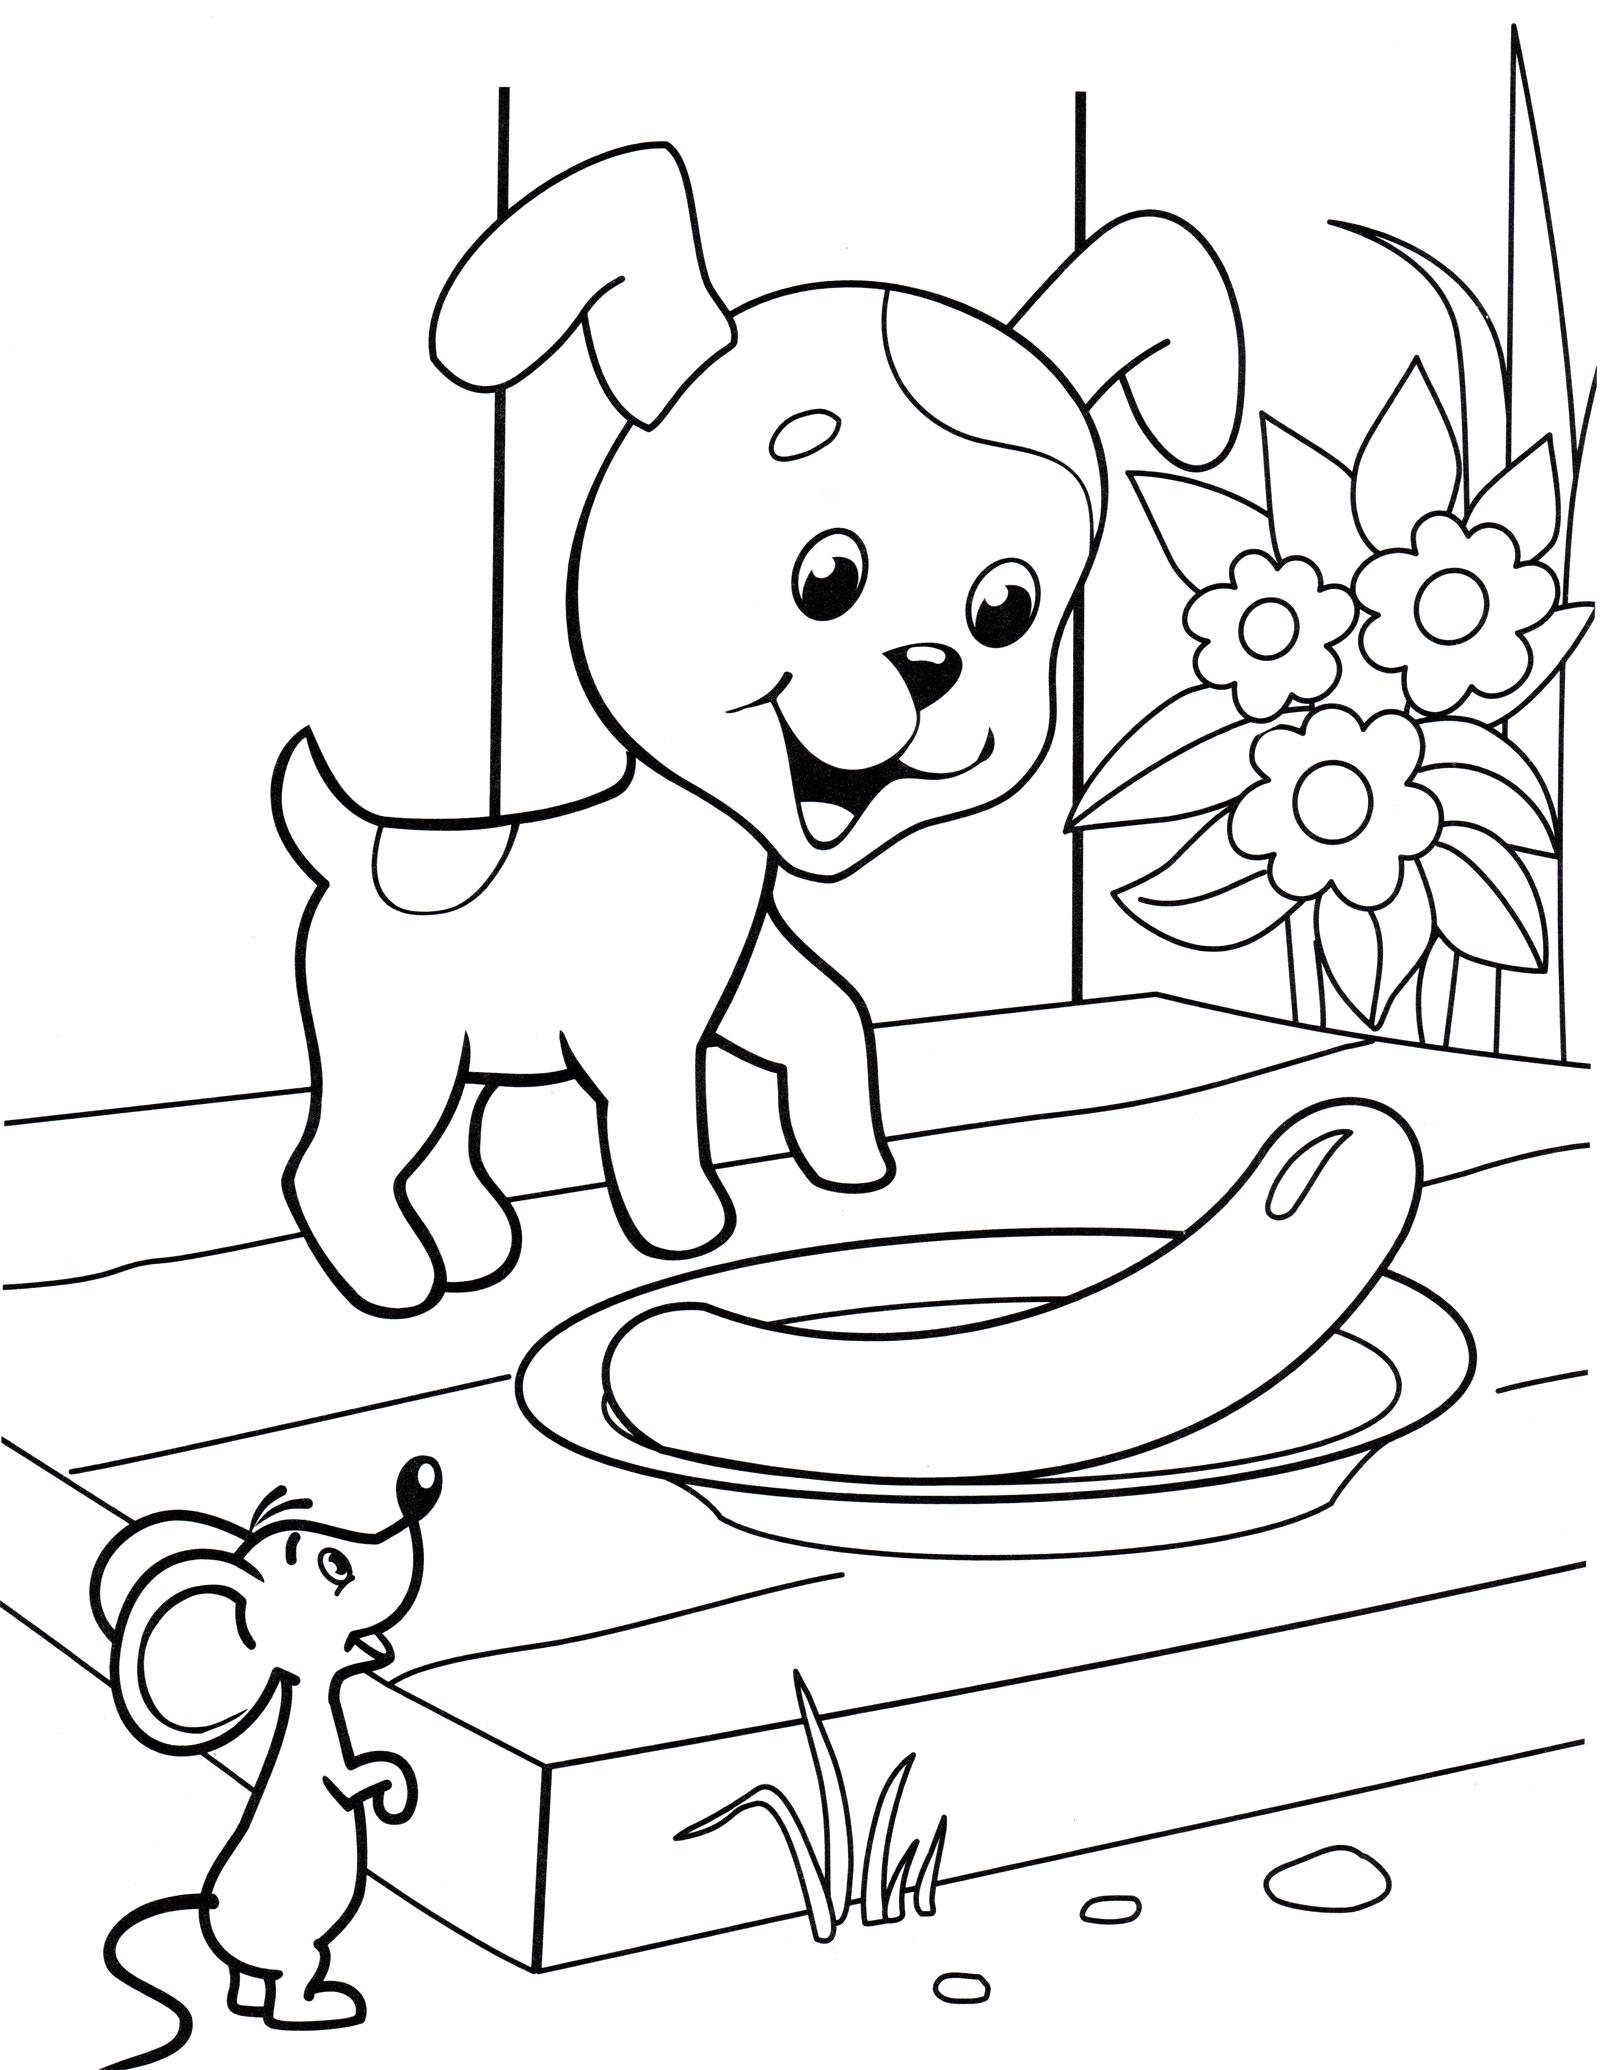 Раскраска Щенок и сосиска - распечатать бесплатно